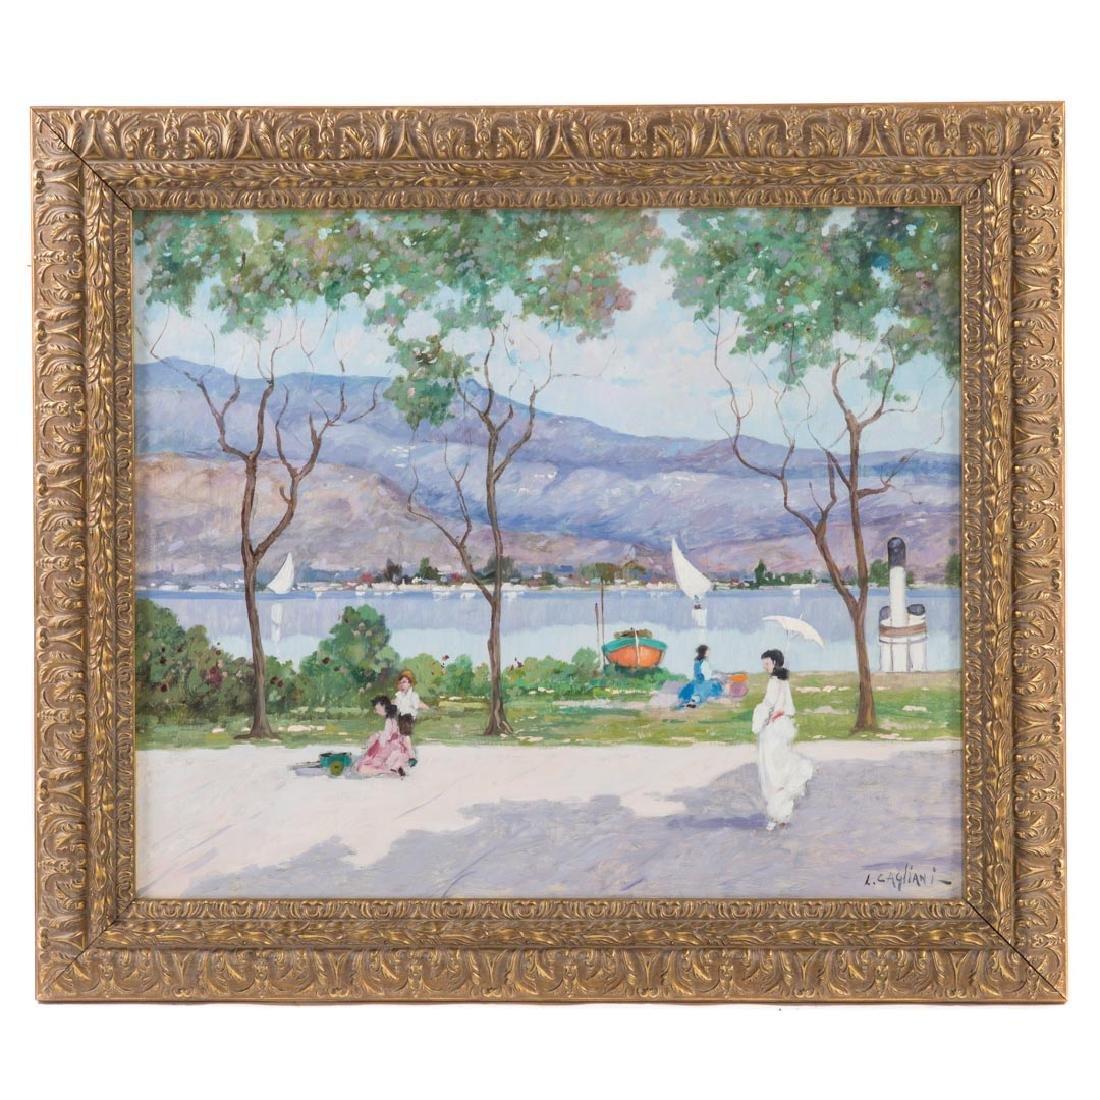 Luigi Cagliani. River Landscape with Figures, oil